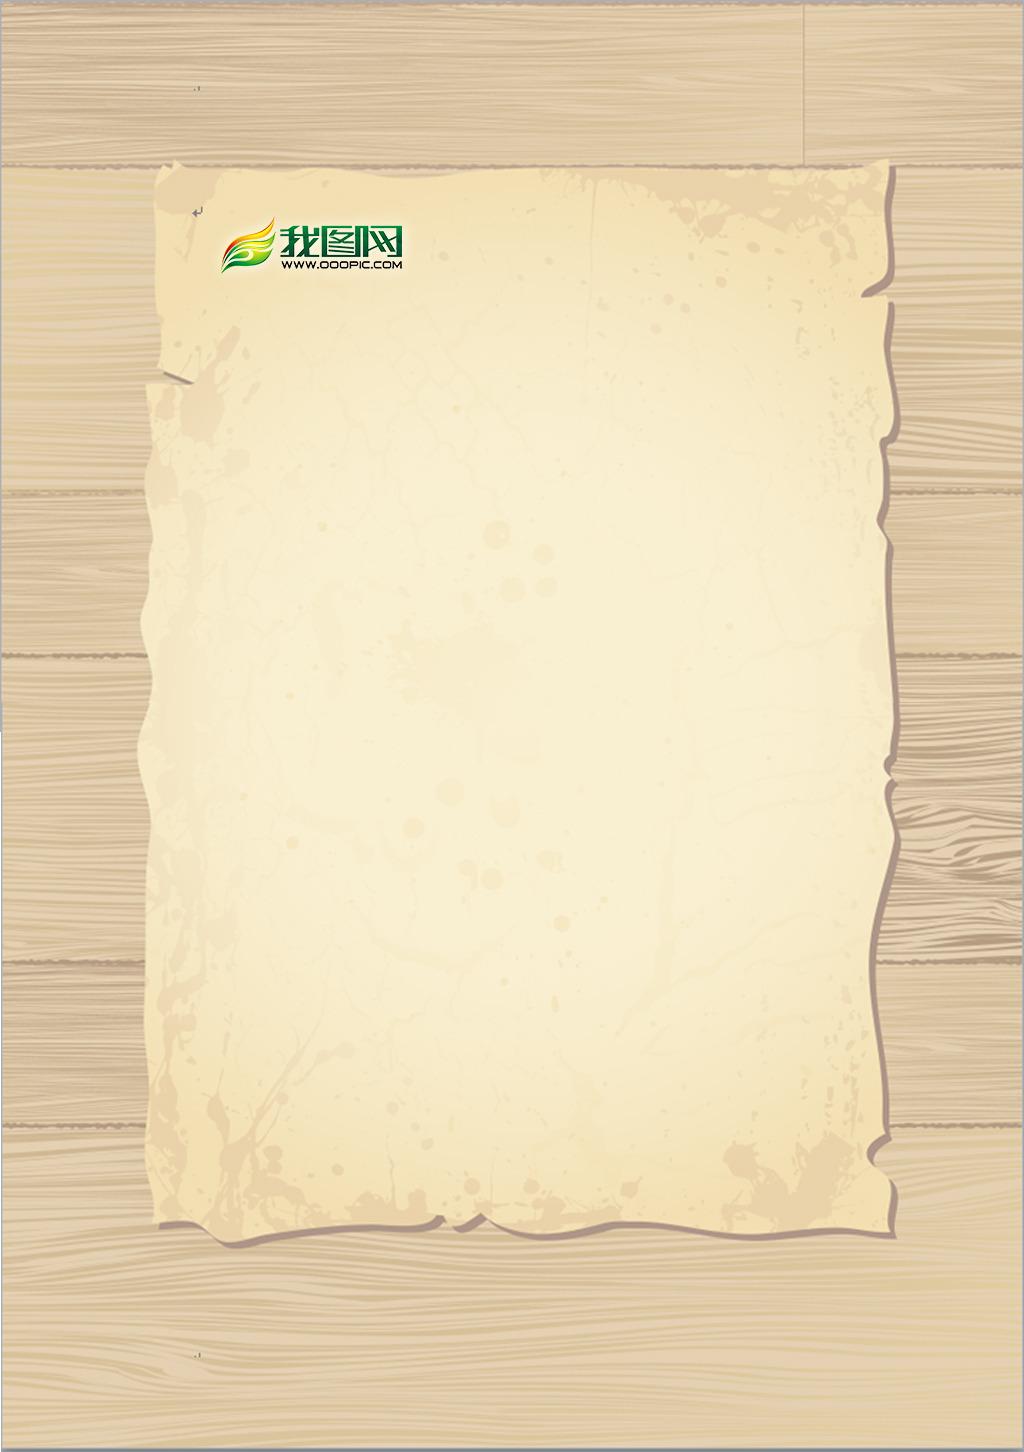 信纸设计 信纸模板 wprd背景 wps信纸 简约信纸 好看信纸 木纹图案信图片